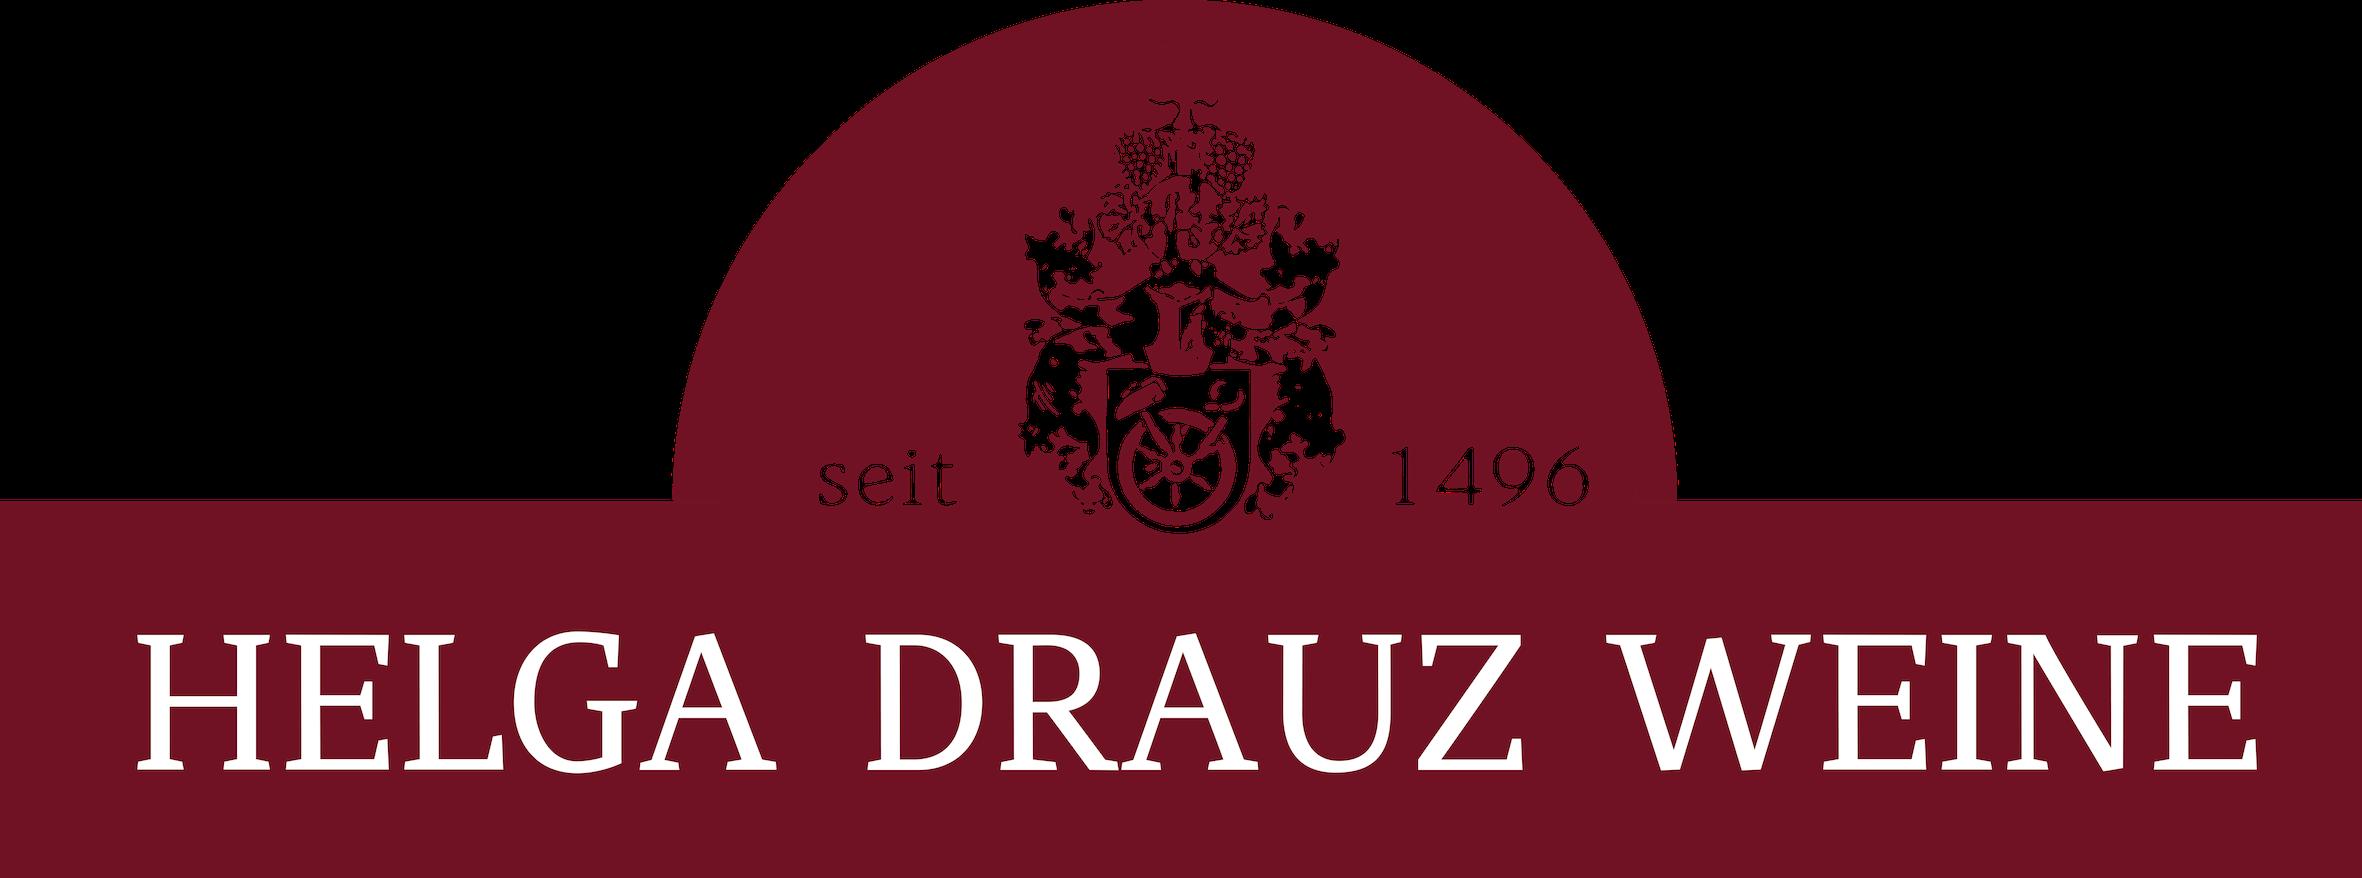 Helga Drauz Weine